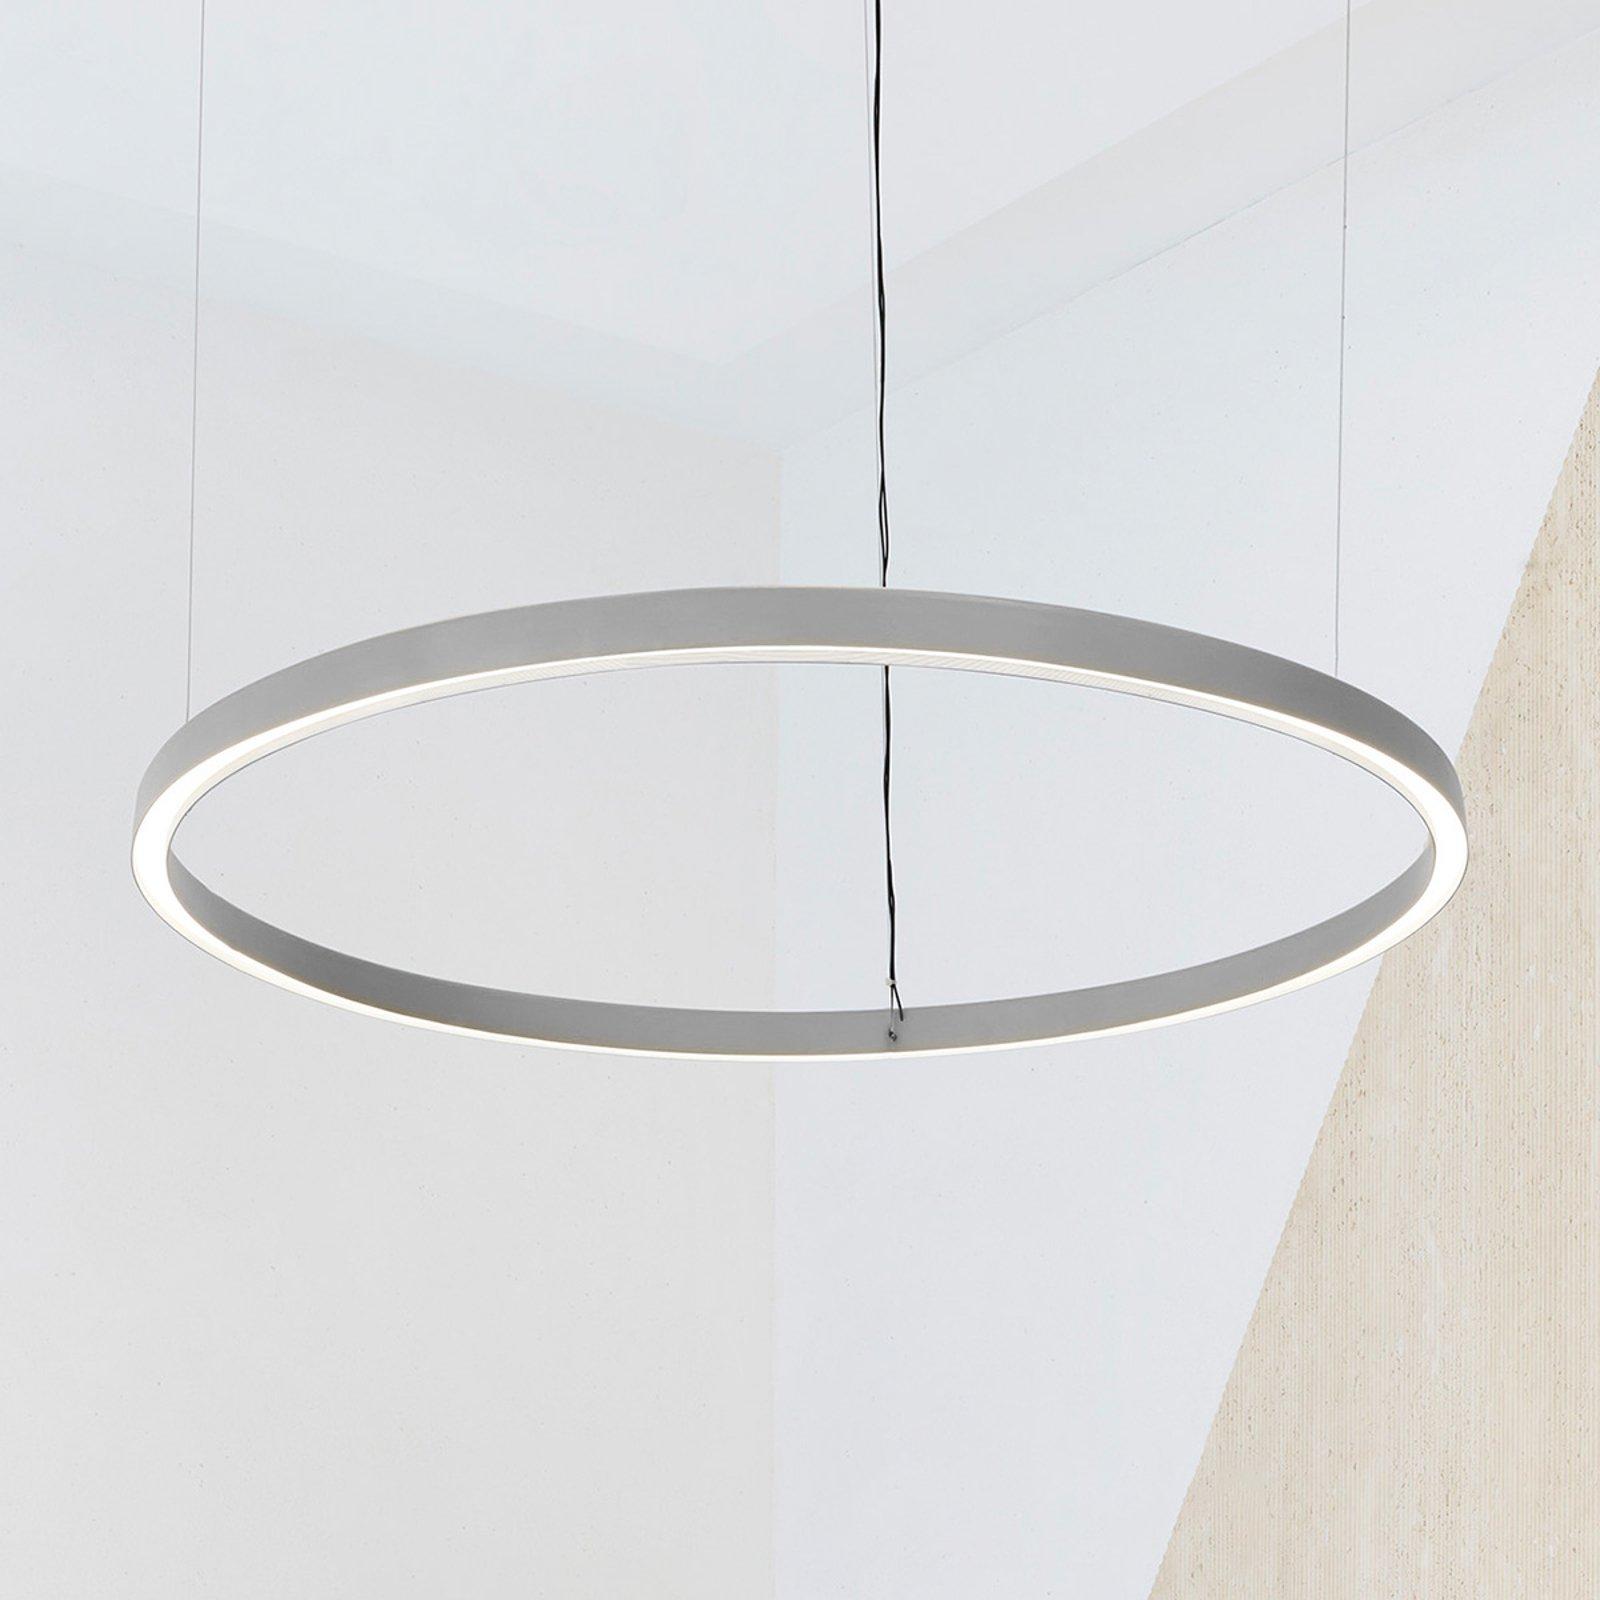 Luceplan Compendium Circle 110cm, aluminium